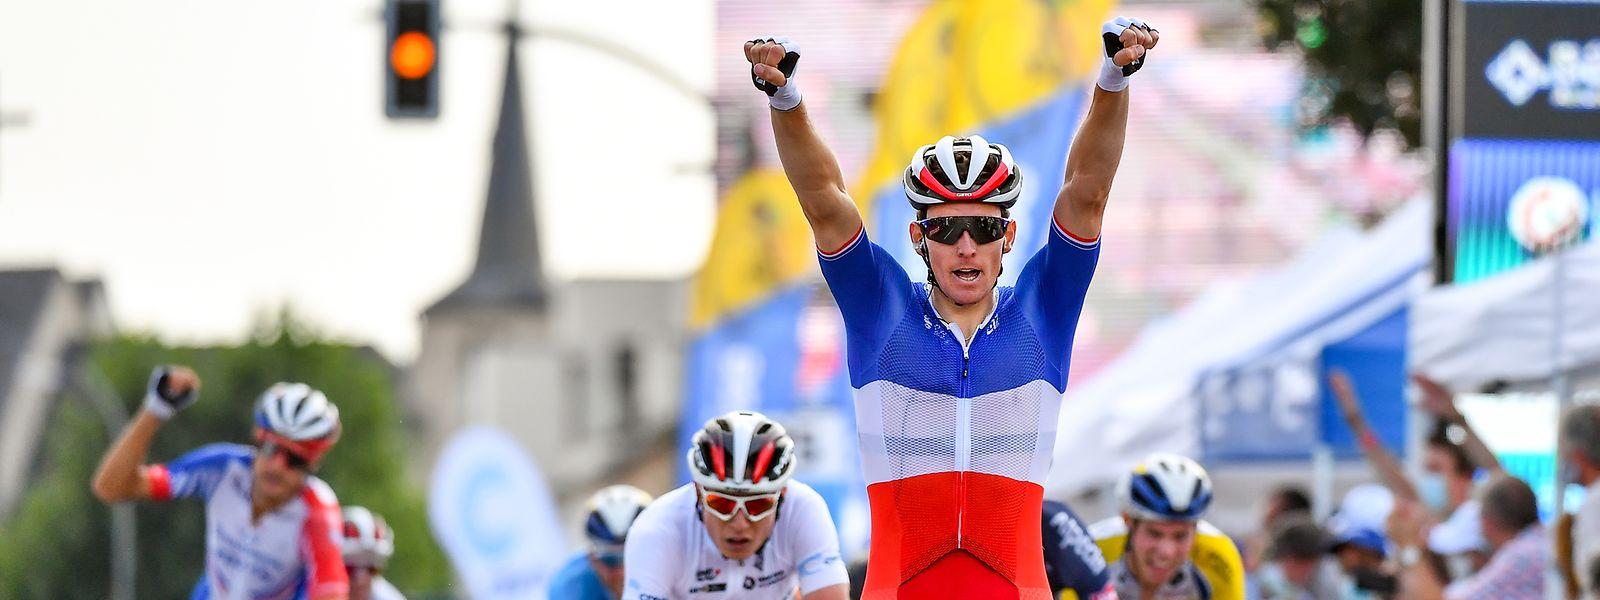 Arnaud Démare reißt die Arme in die Luft. Er gewinnt in Hesperingen.